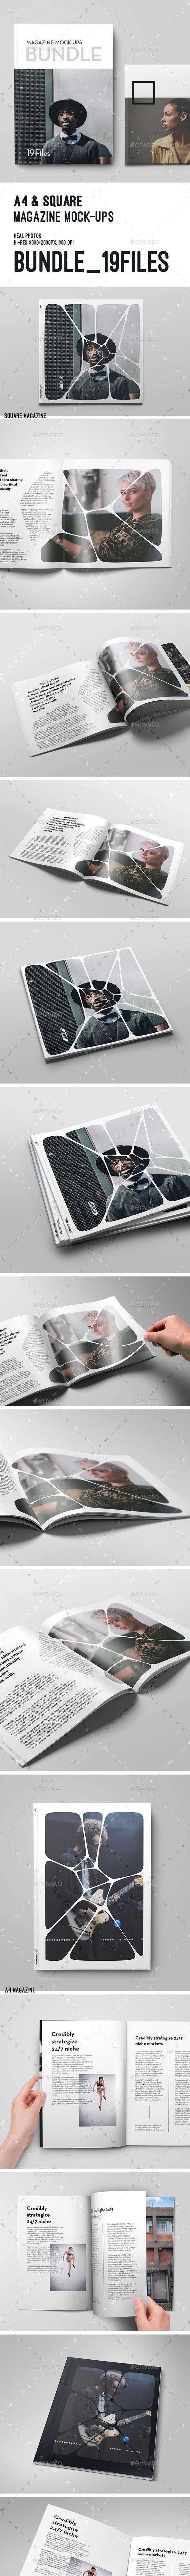 Magazine Mock-Up Bundle - Magazines Print